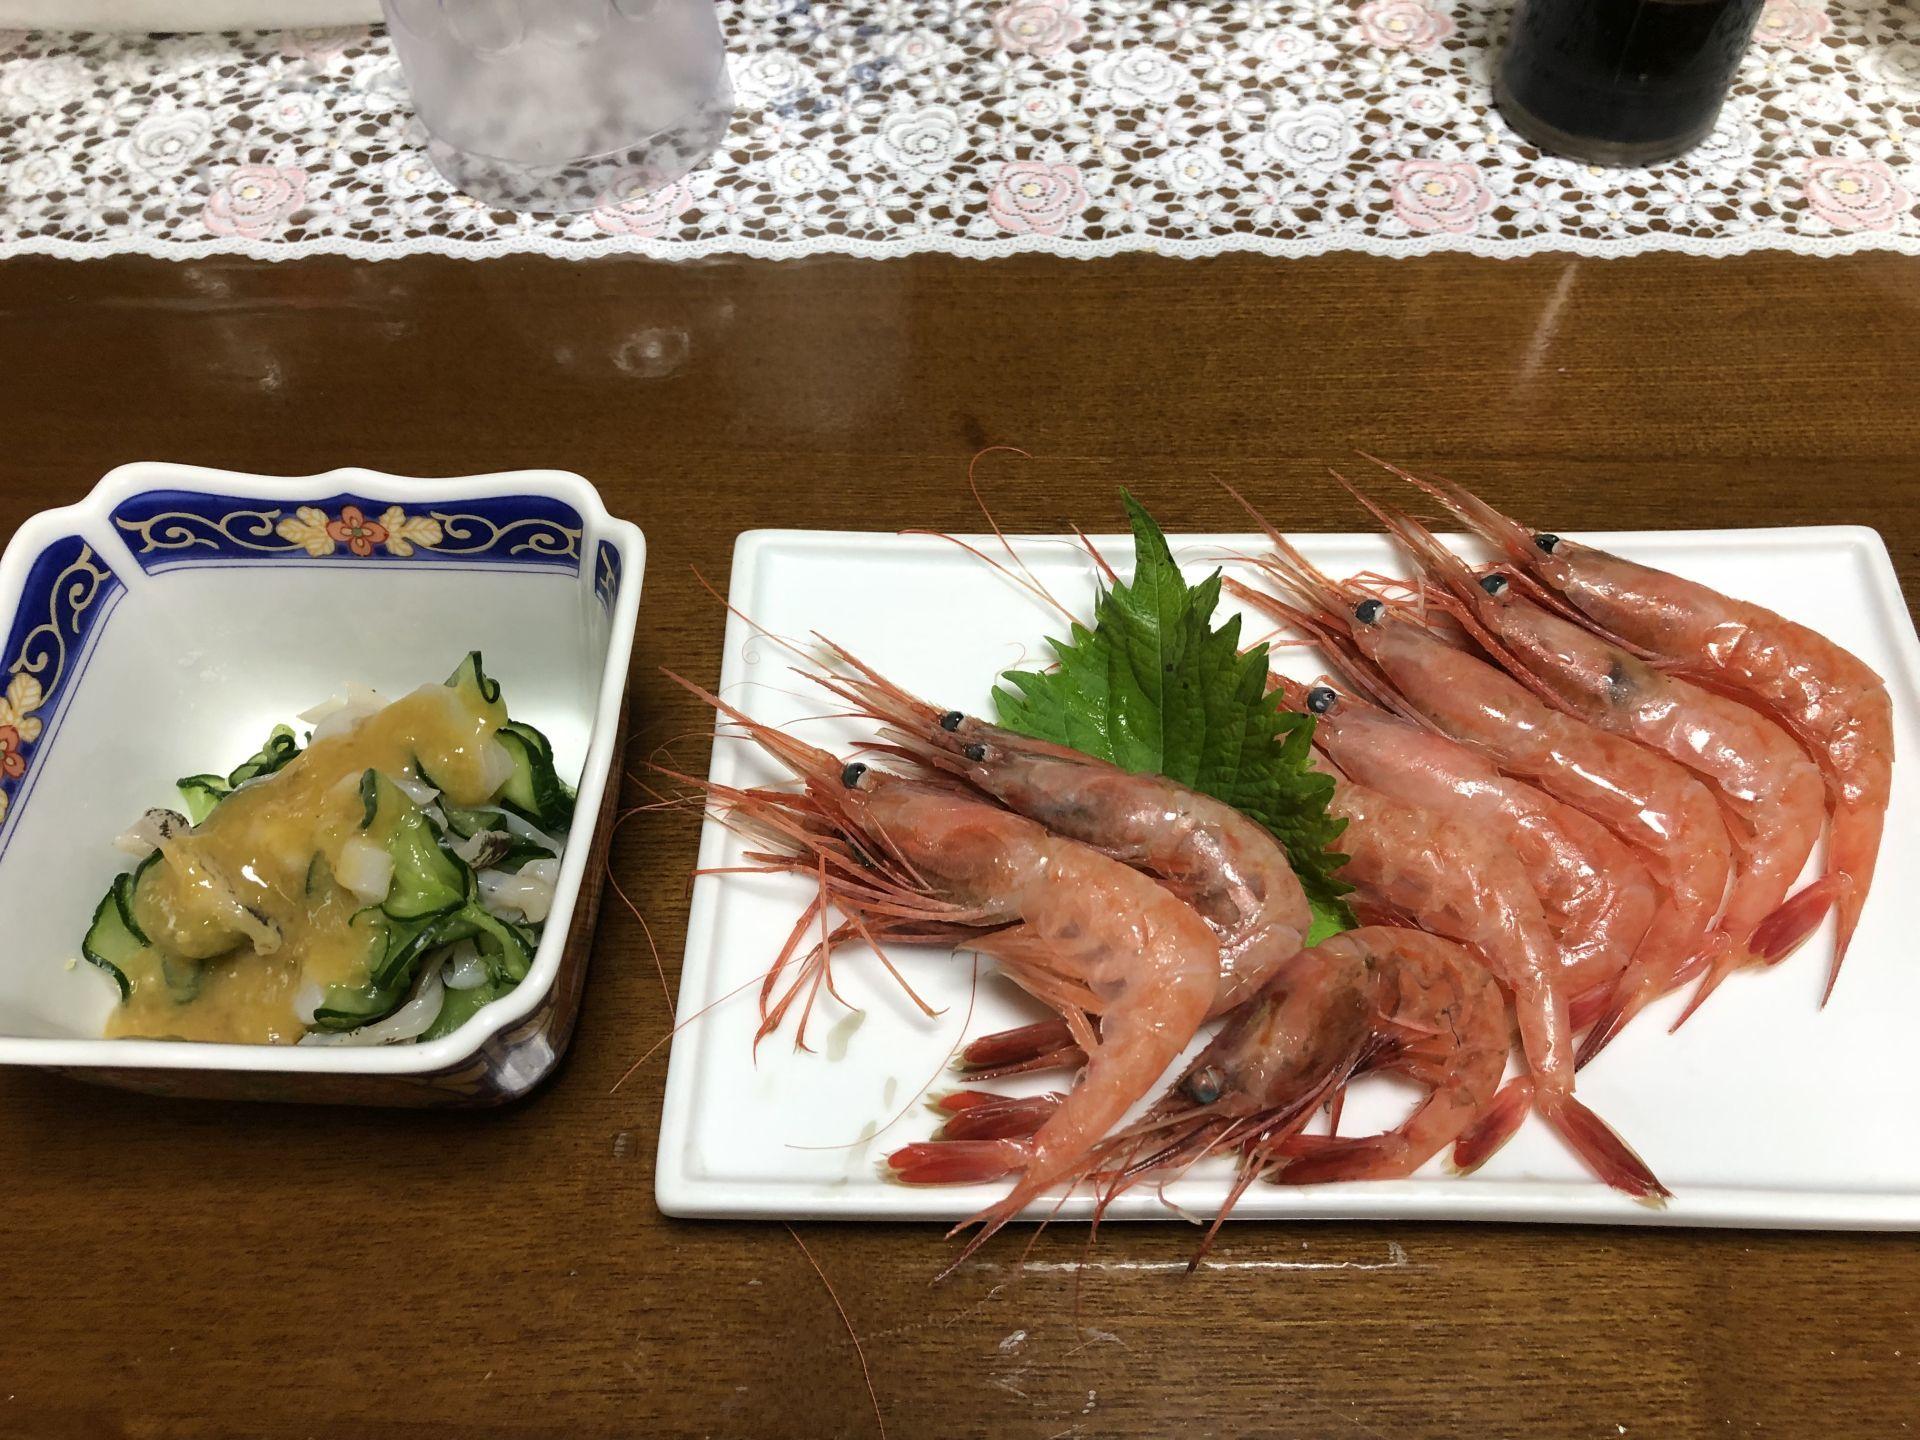 昨日の晩御飯 - 真鯛とイカの一本釣り